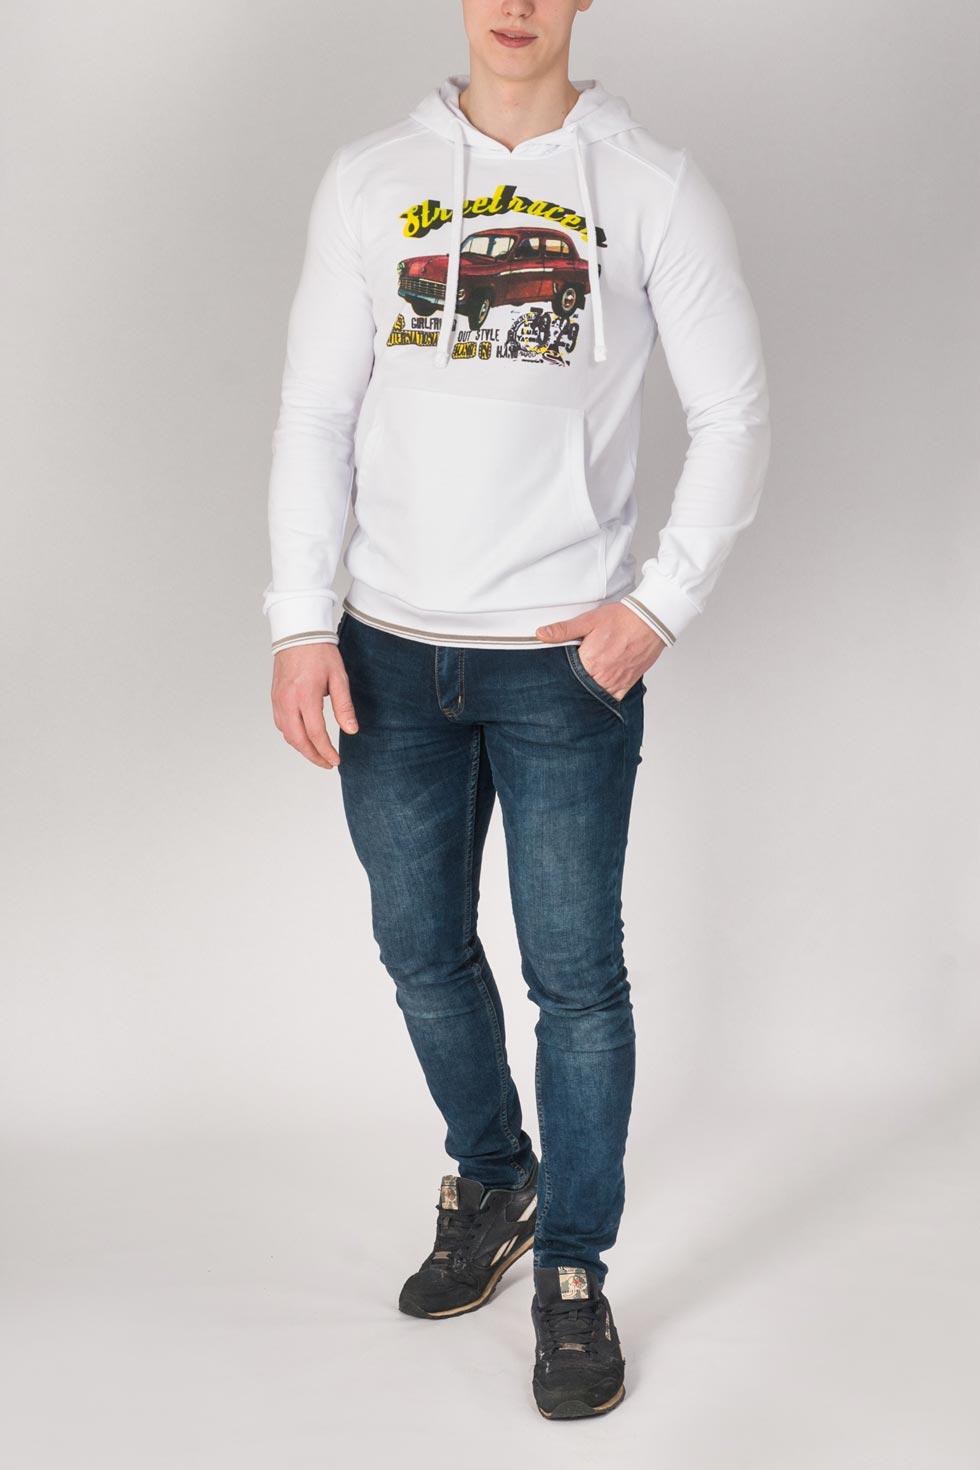 Анорак мужской Streetracer с капюшономКоллекция ВЕСНА-ЛЕТО<br><br><br>Размер: 54